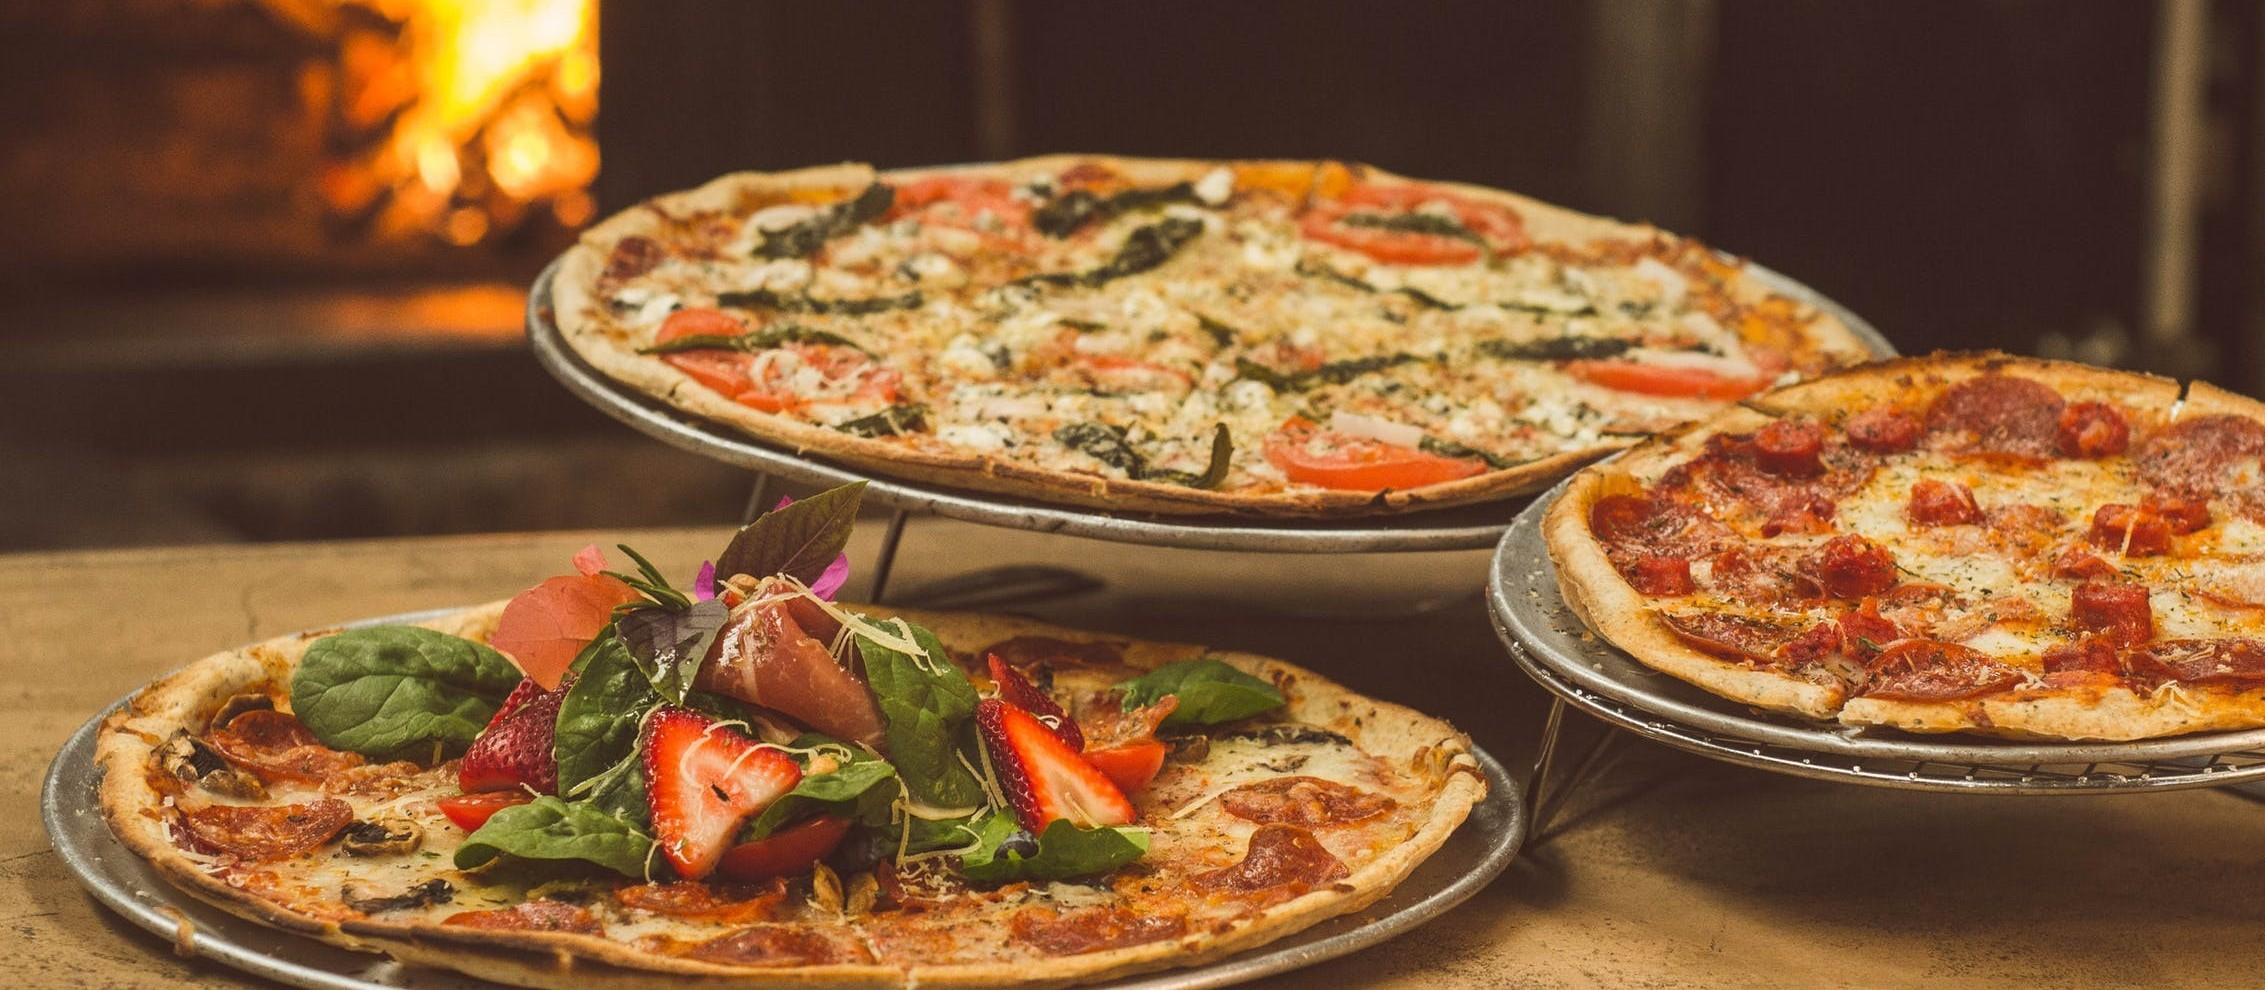 Está em isolamento em casa? Então confira uma receita de pizza que você pode fazer